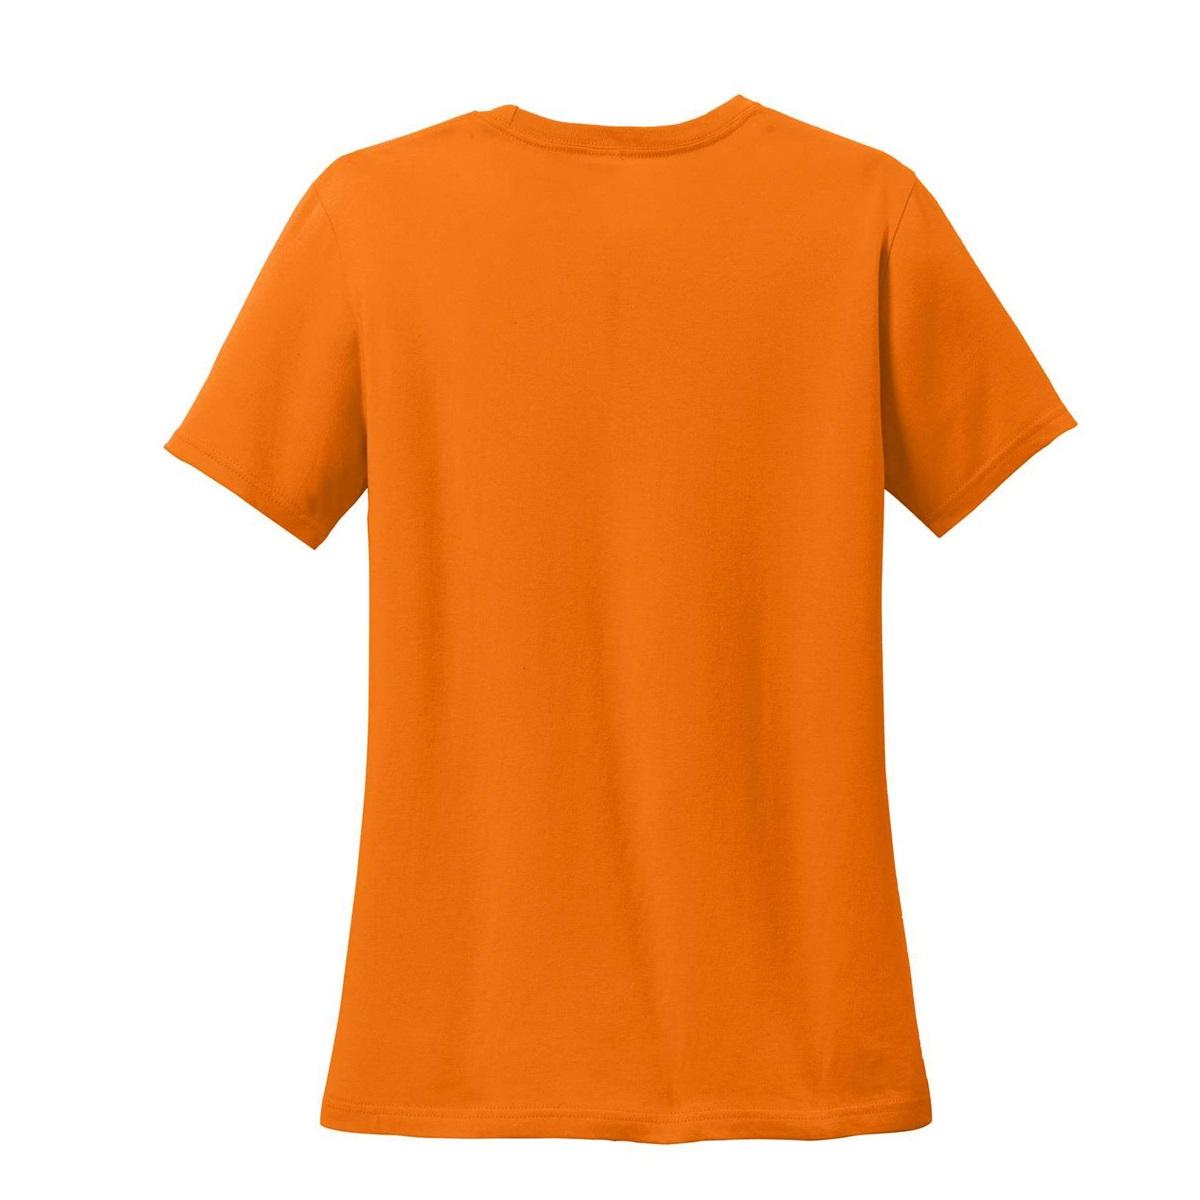 Anvil 880 ladies 100 ring spun cotton t shirt mandarin for 100 ringspun cotton t shirt wholesale